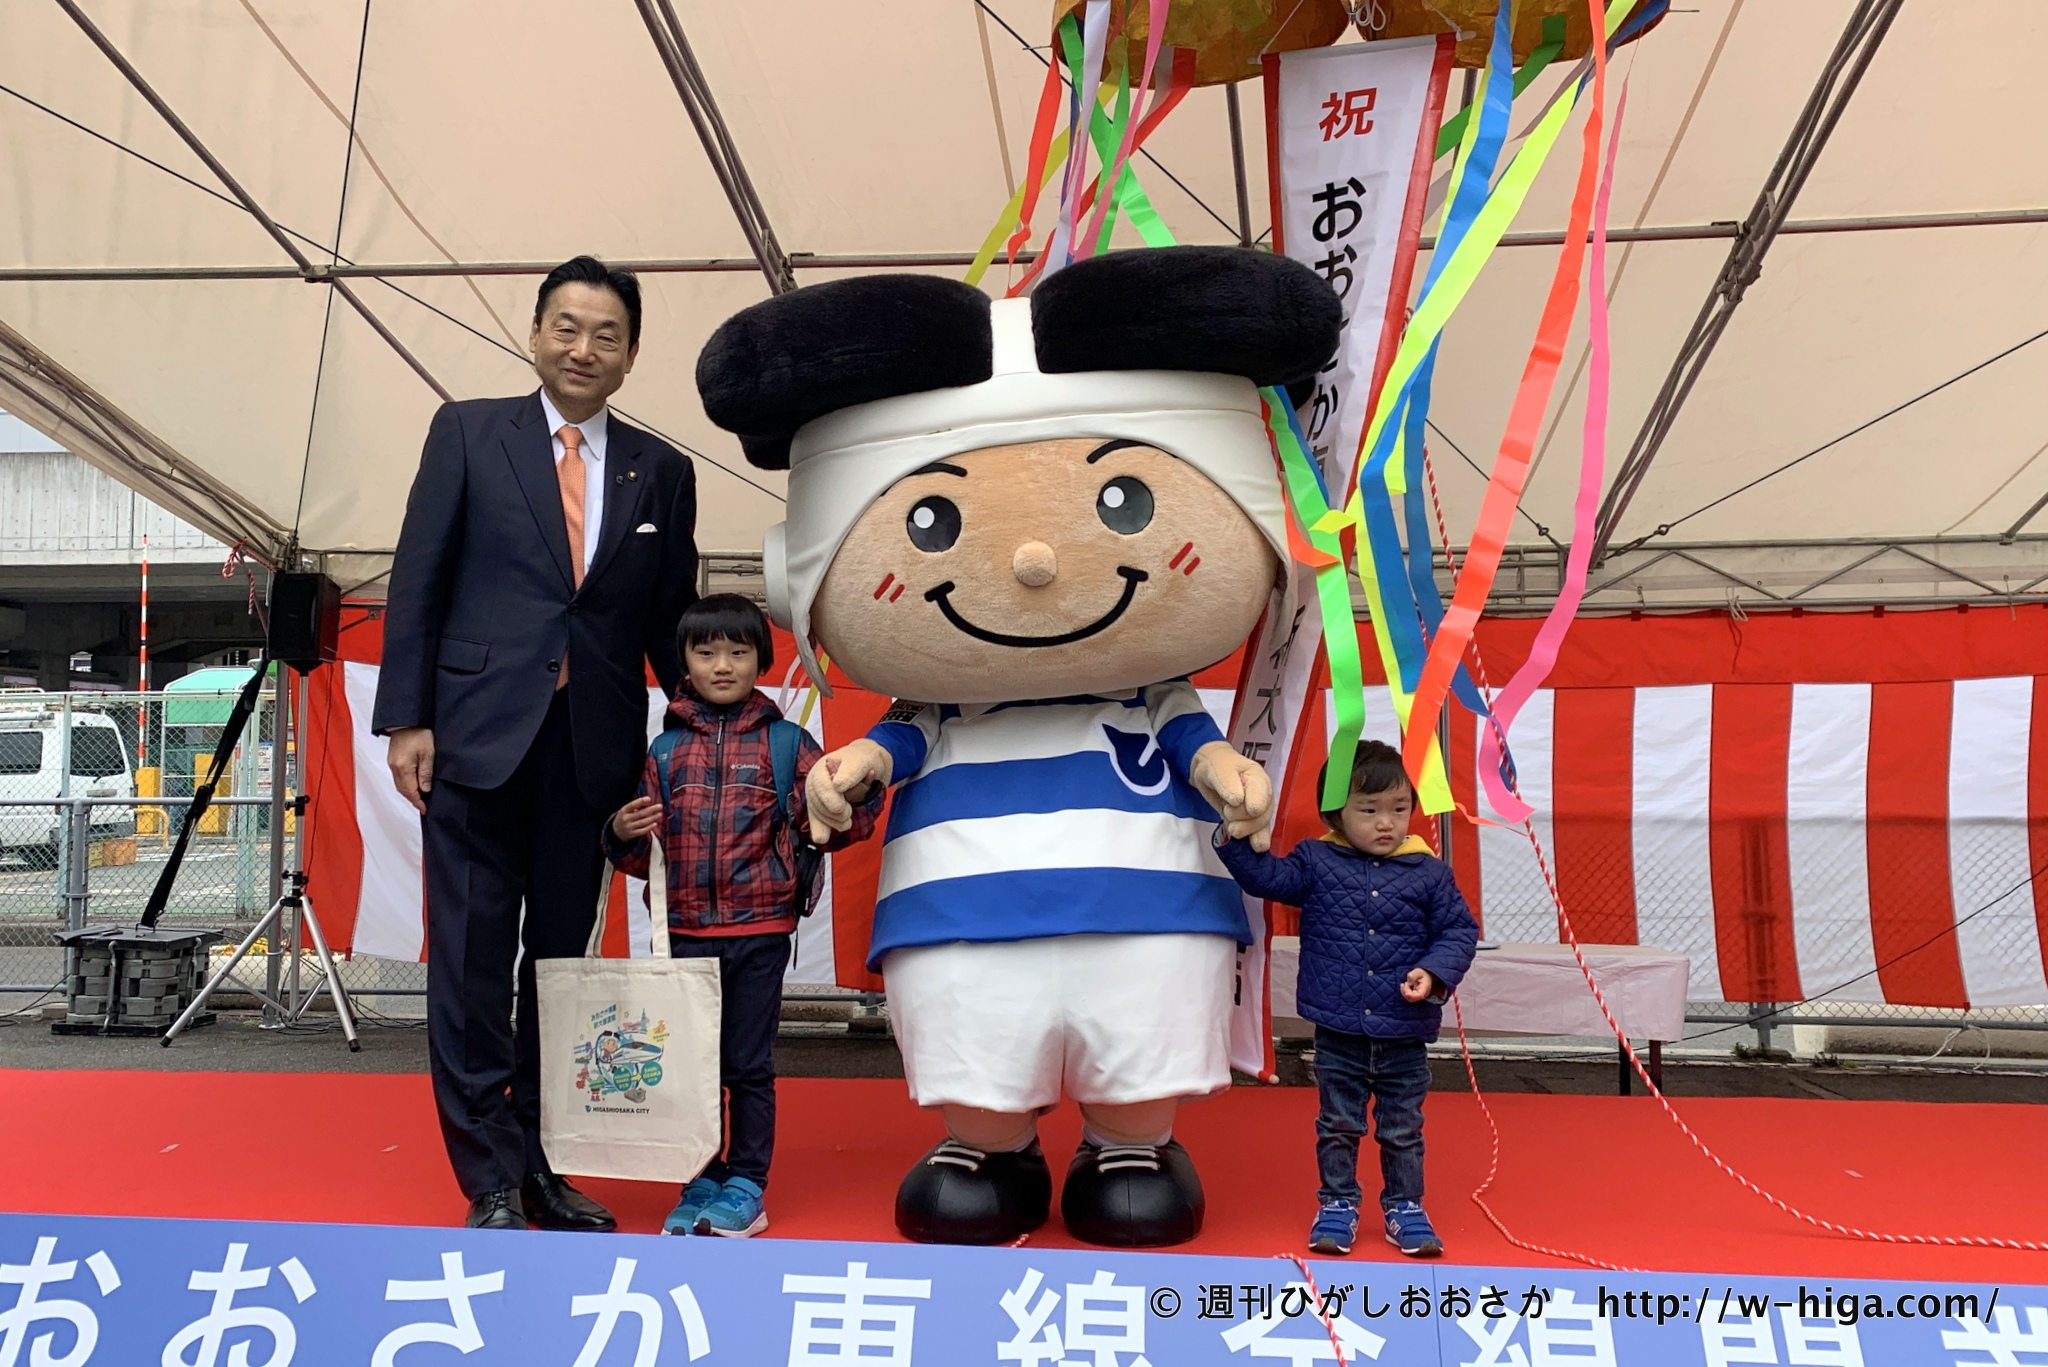 JRおおさか東線が全線開通!東大阪市民的にどれくらい待っていたかを式典取材を通じて書いてみました。